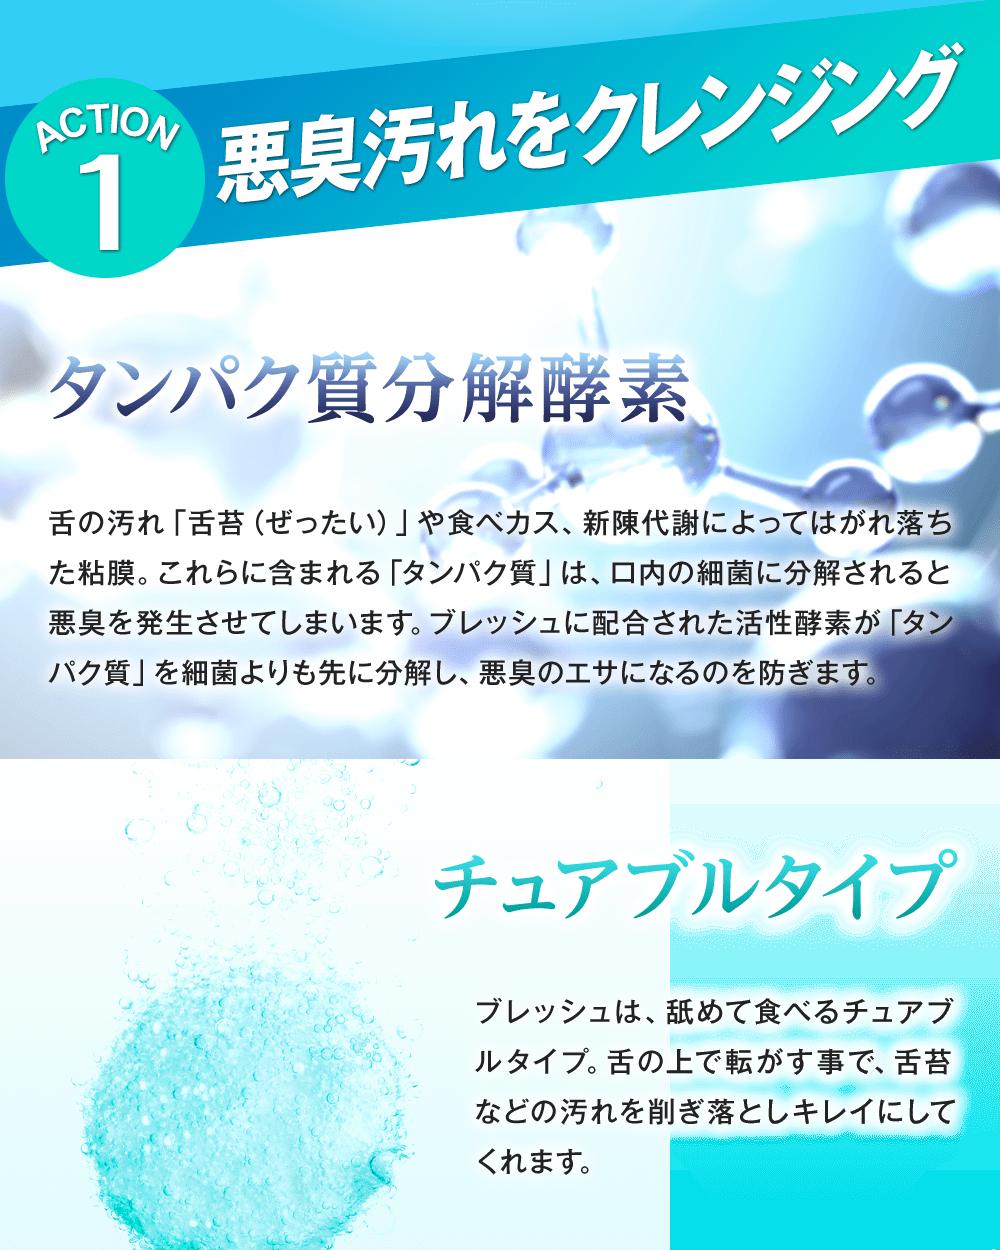 口臭サプリ『ブレッシュ』の一つ目の特徴は、悪臭汚れをクレンジングするタンパク質分解酵素。舌苔や食べカス、新陳代謝によって剥がれ落ちた粘膜に含まれるタンパク質は、口内の細菌に分解されると悪臭が発生します。ブレッシュでは活性酵素を配合し、細菌よりも先に分解することで悪臭を未然に防ぎます。